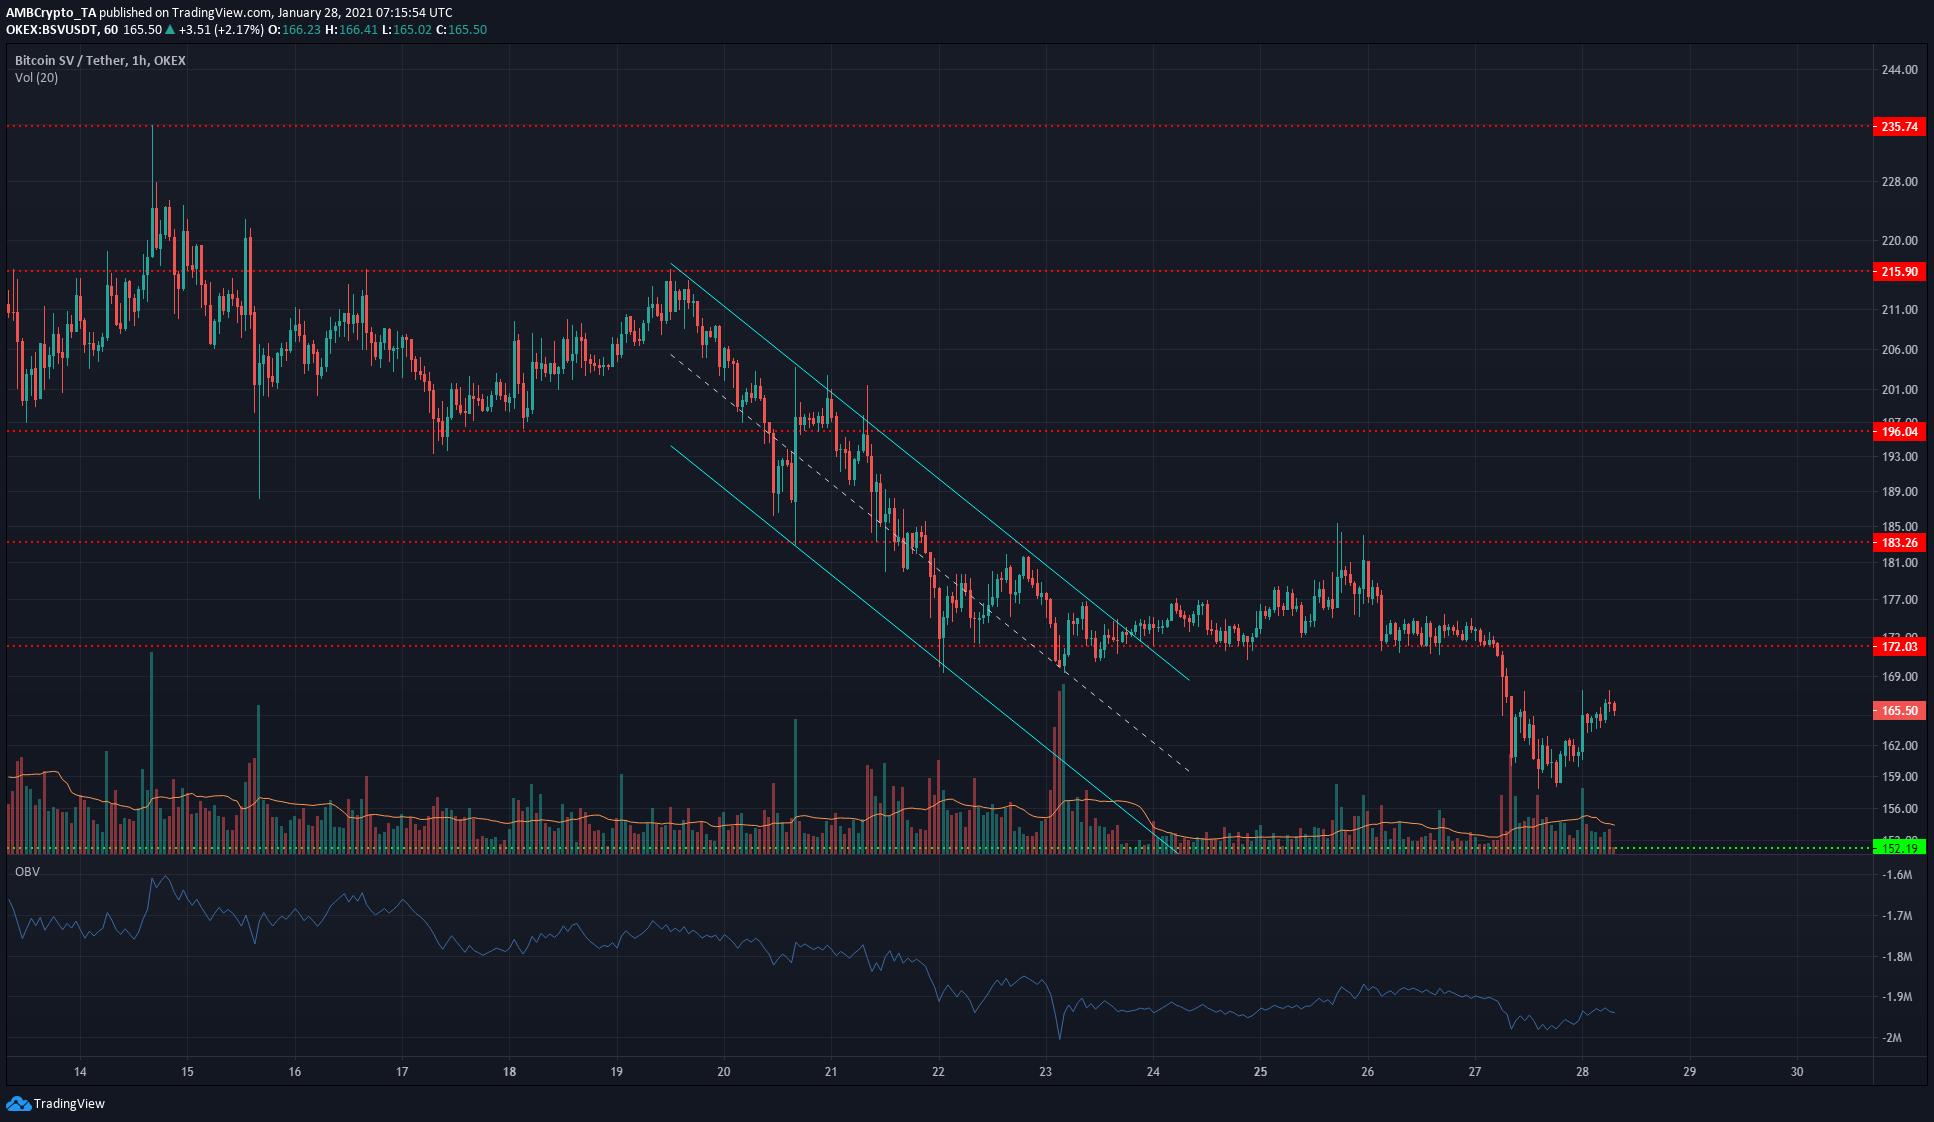 Bitcoin SV, NEM, Verge Price Analysis: 28 January